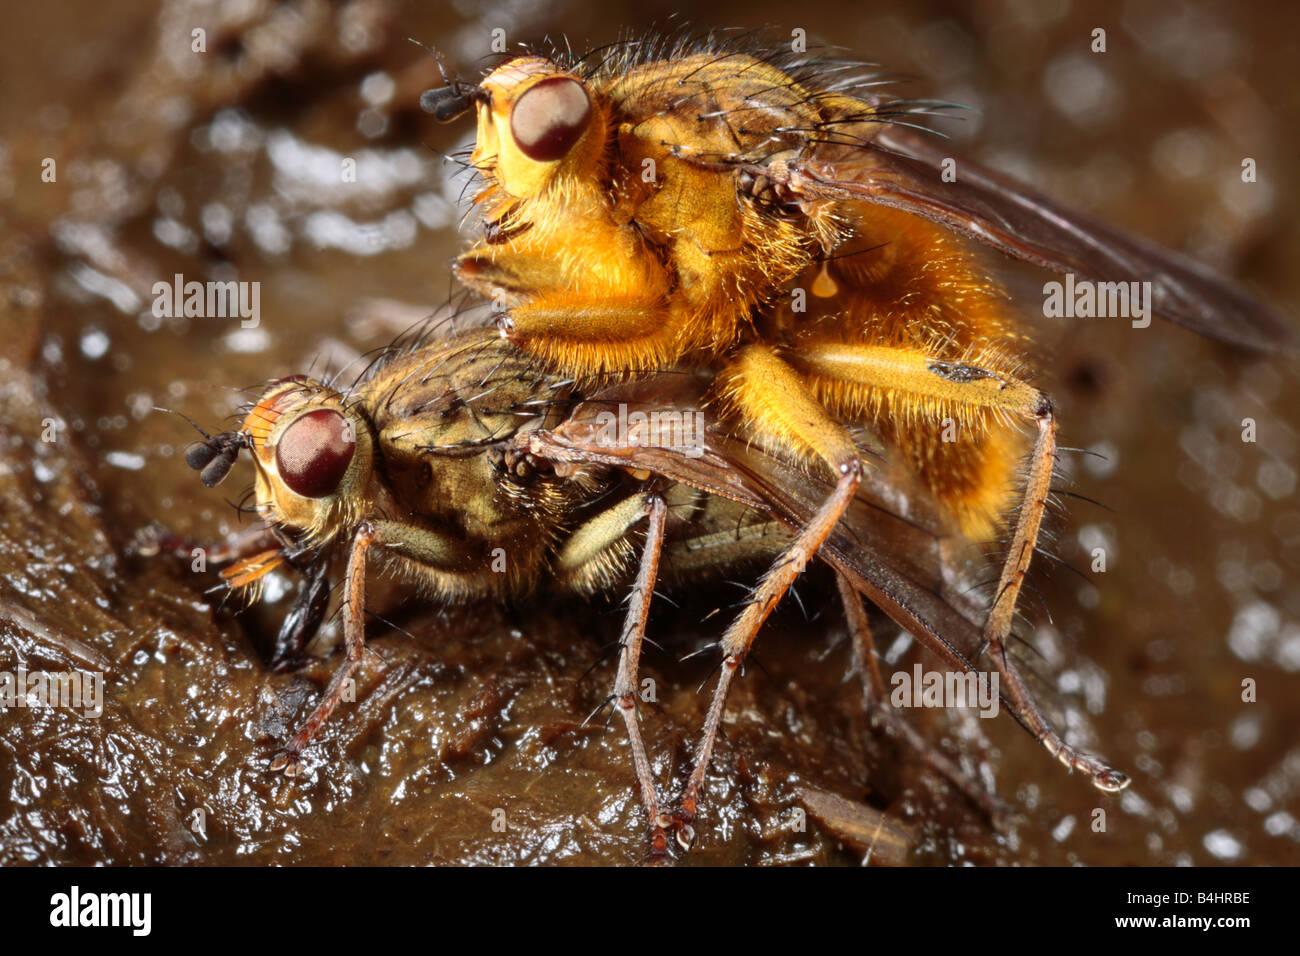 Gelbe Dungfliegen (Scathophaga Stercoraria) das Männchen bewacht ein Weibchen zur Eiablage. Powys, Wales, UK. Stockbild